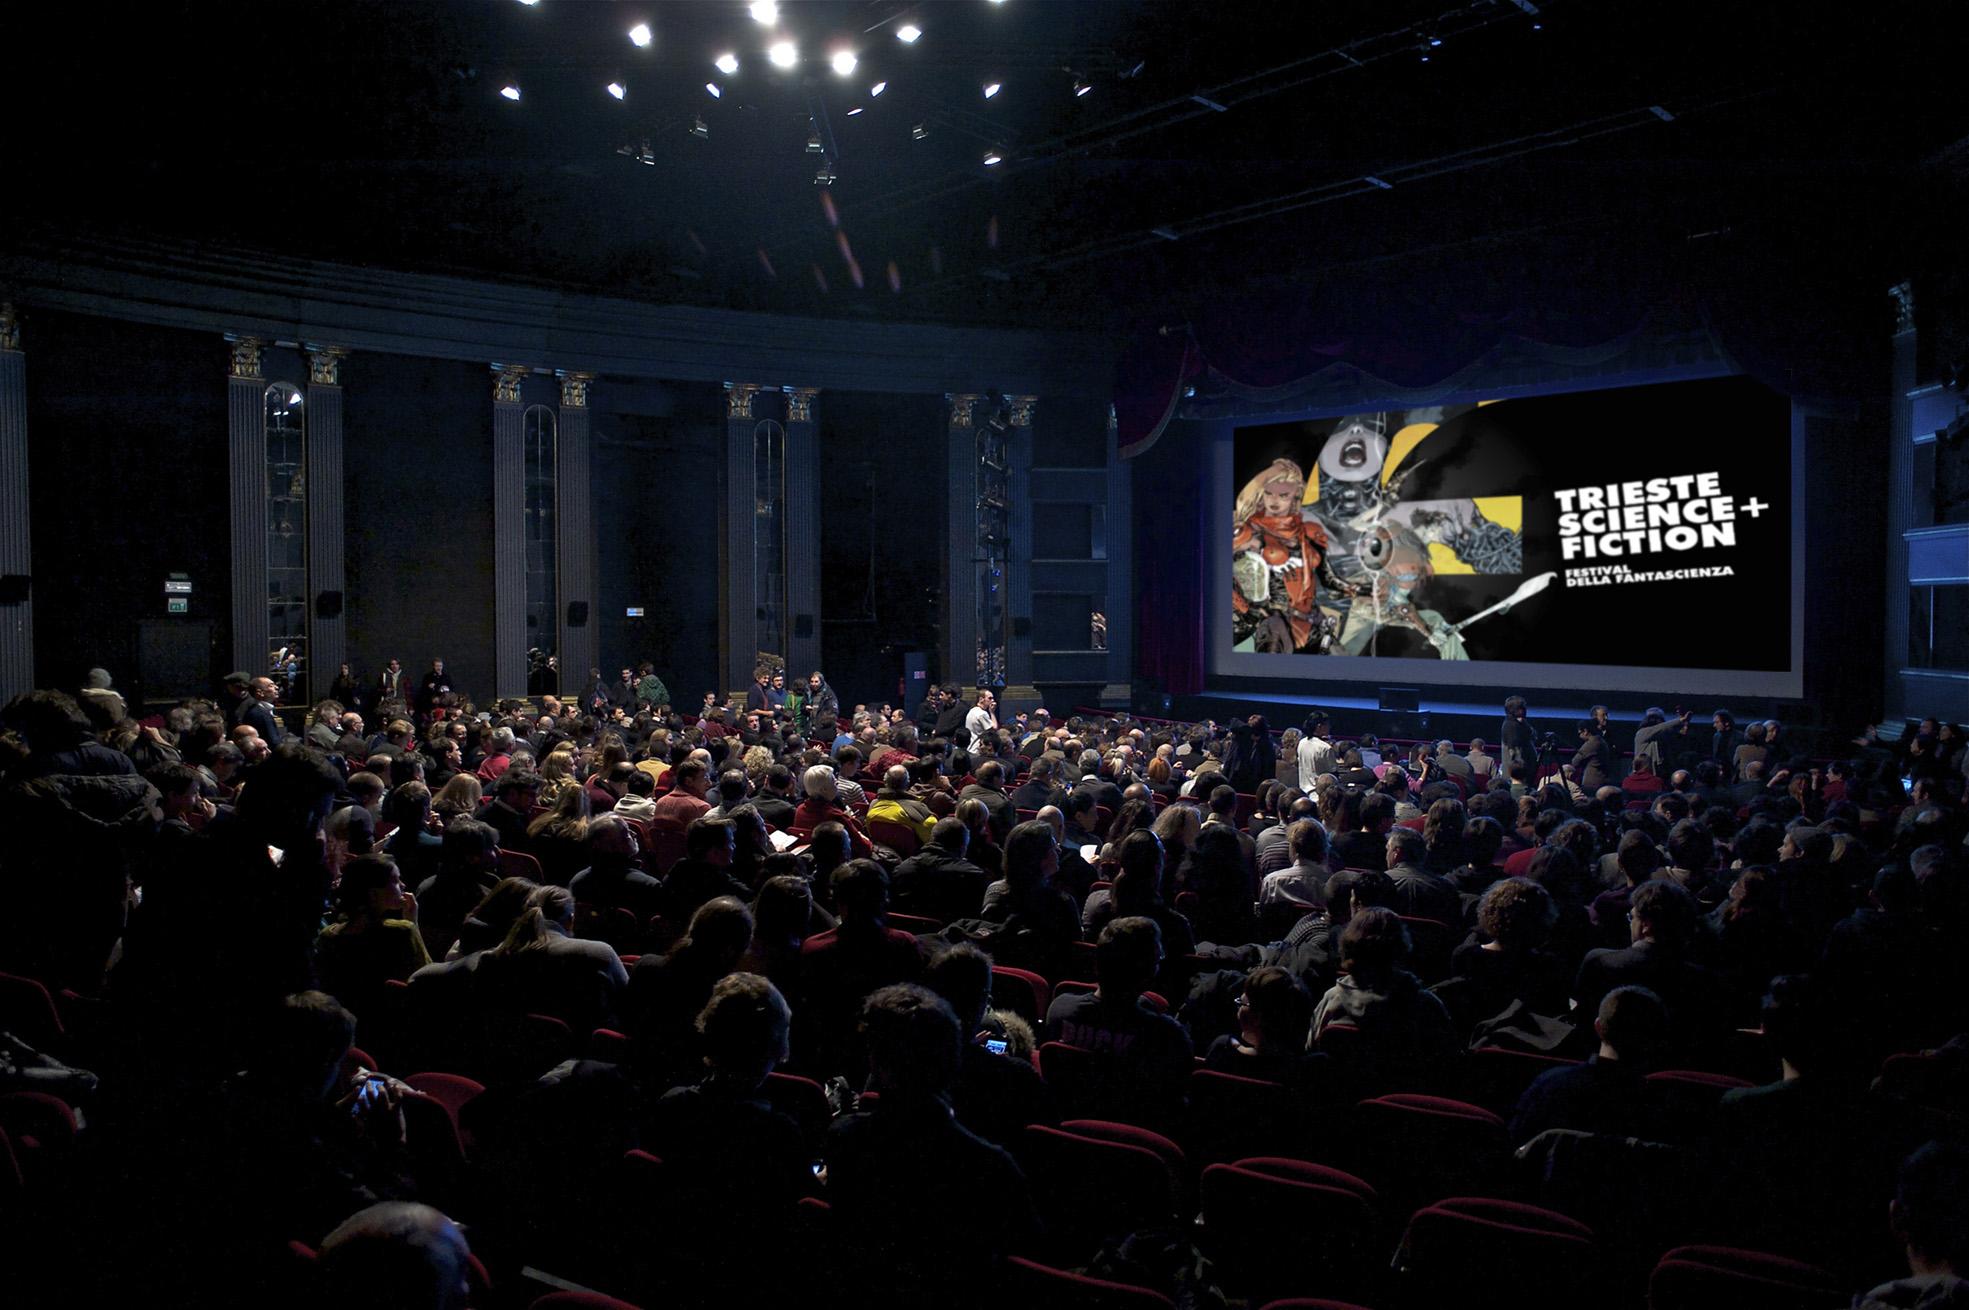 """CANNES – Si svolgerà dal 1° al 6 novembre 2016 la sedicesima edizione del """"Trieste Science+Fiction Festival"""", organizzato e promosso da La Cappella Underground. L'annuncio arriva dal Festival di Cannes, […]"""